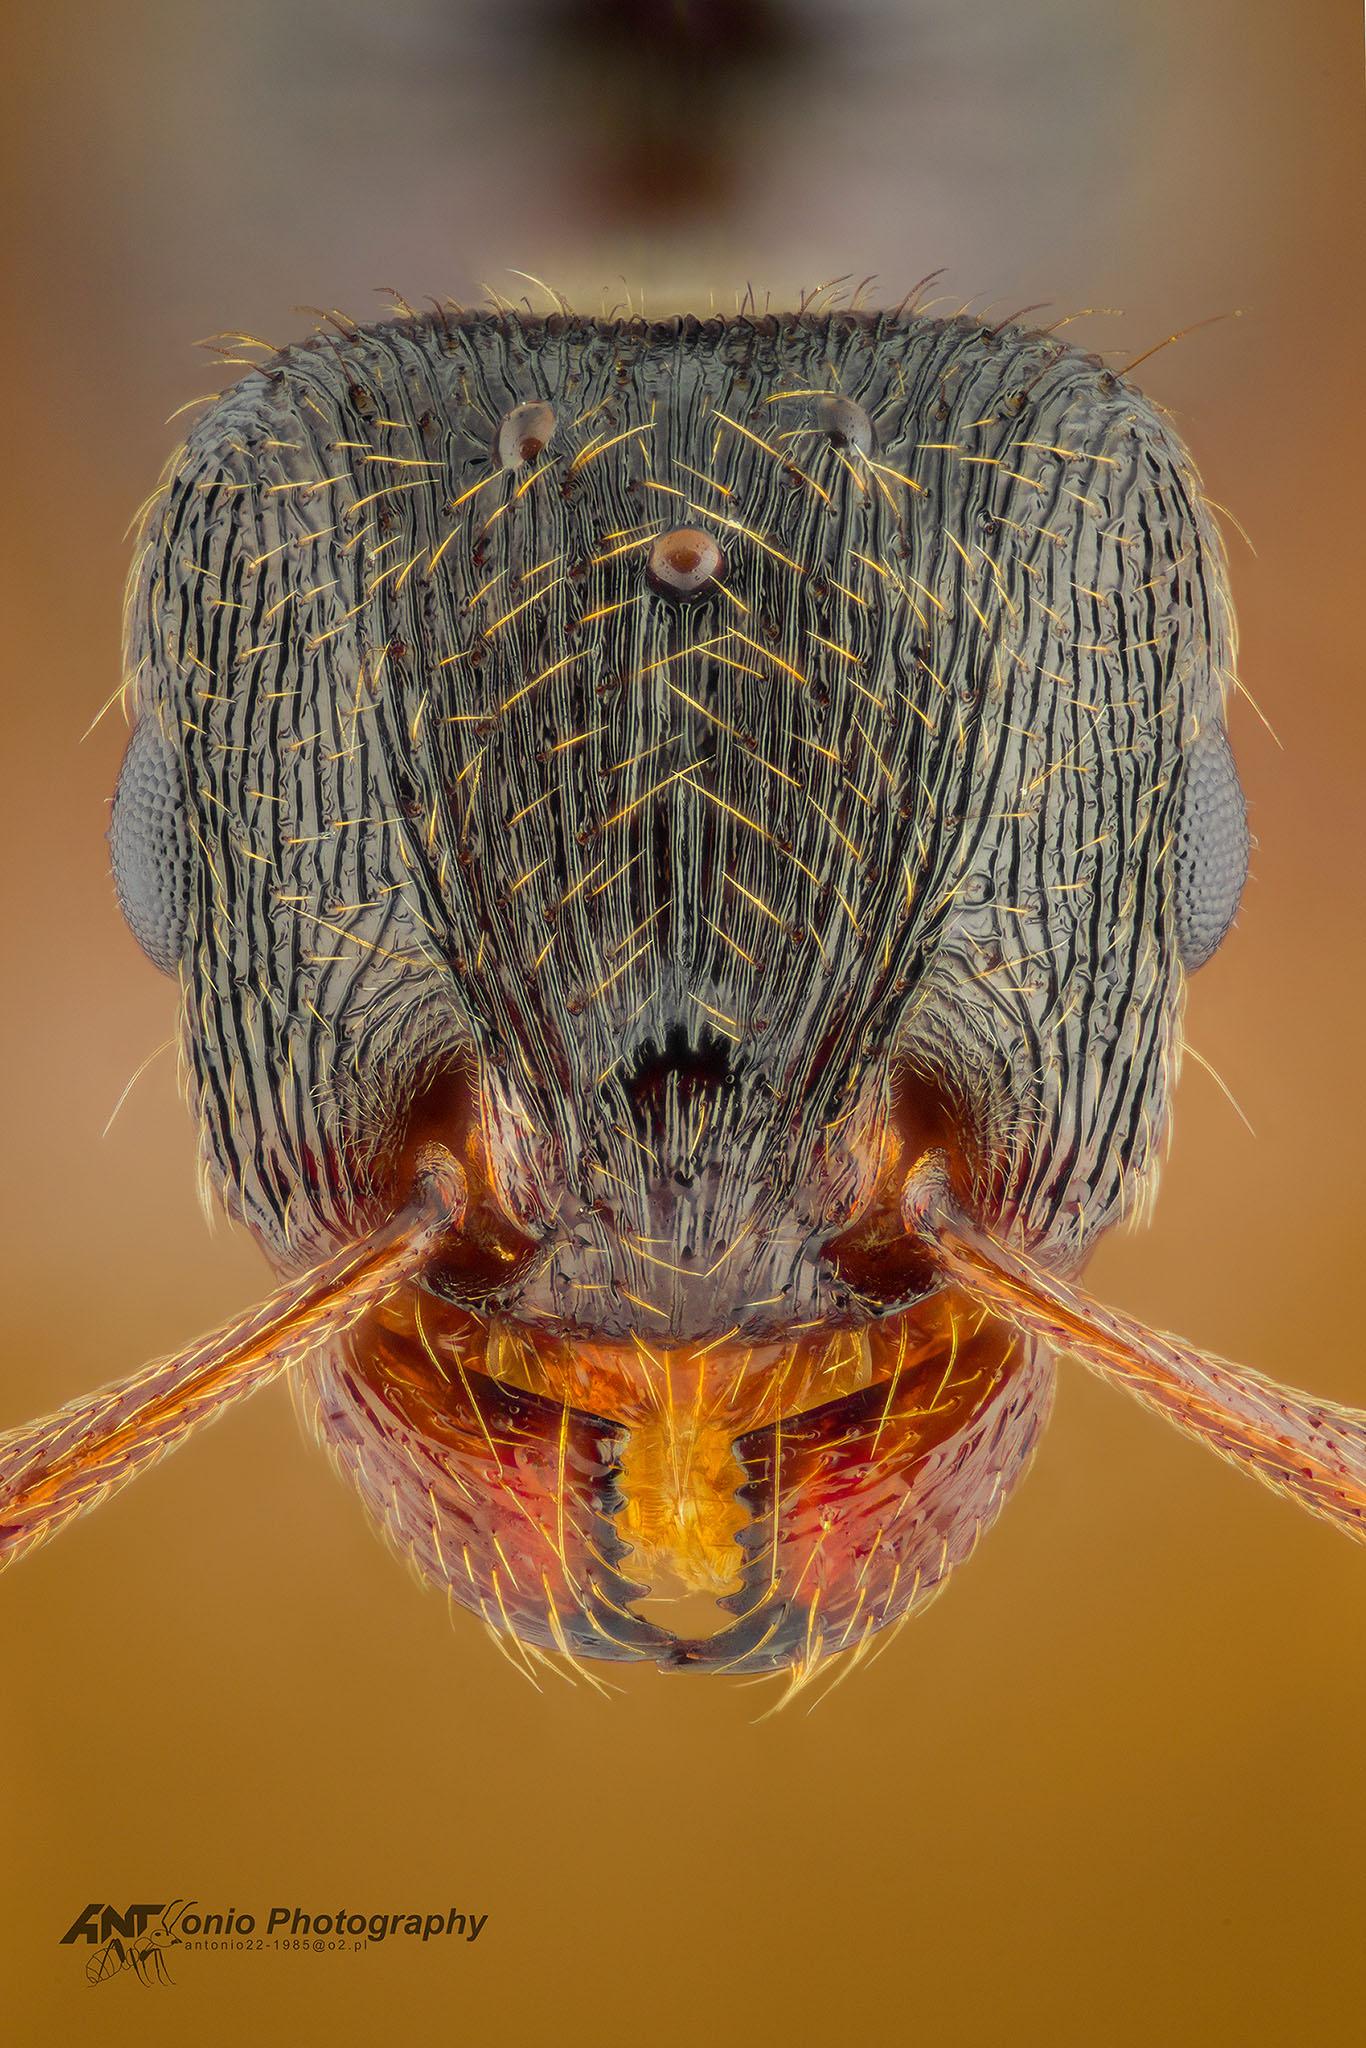 Ant Tetramorium sf. caespitum from Poland